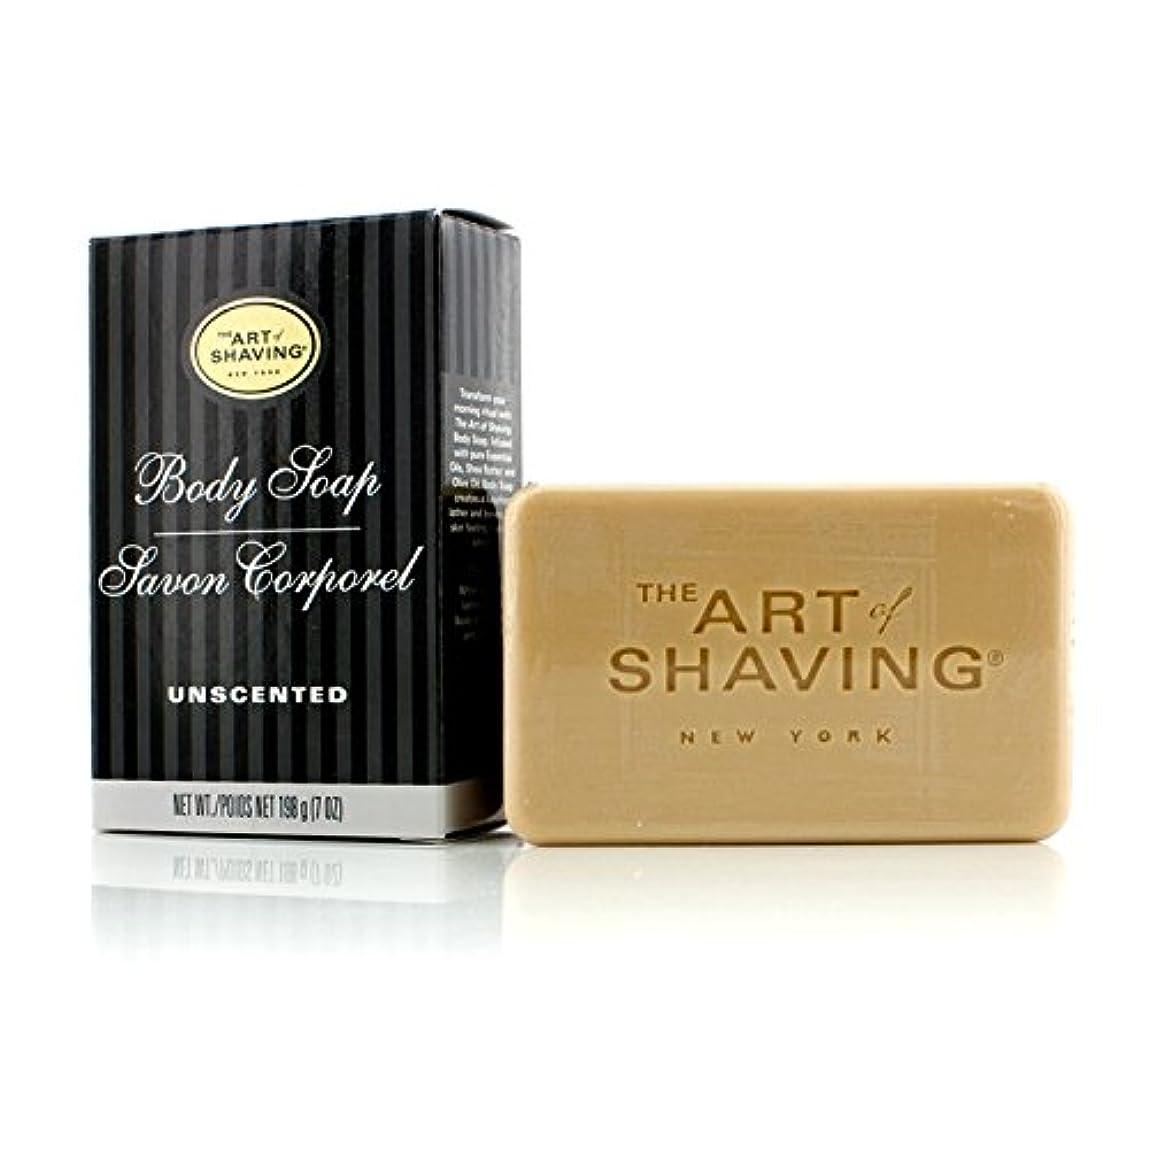 ジョリー適応するログアートオブシェービング Body Soap - Unscented 198g/7oz並行輸入品